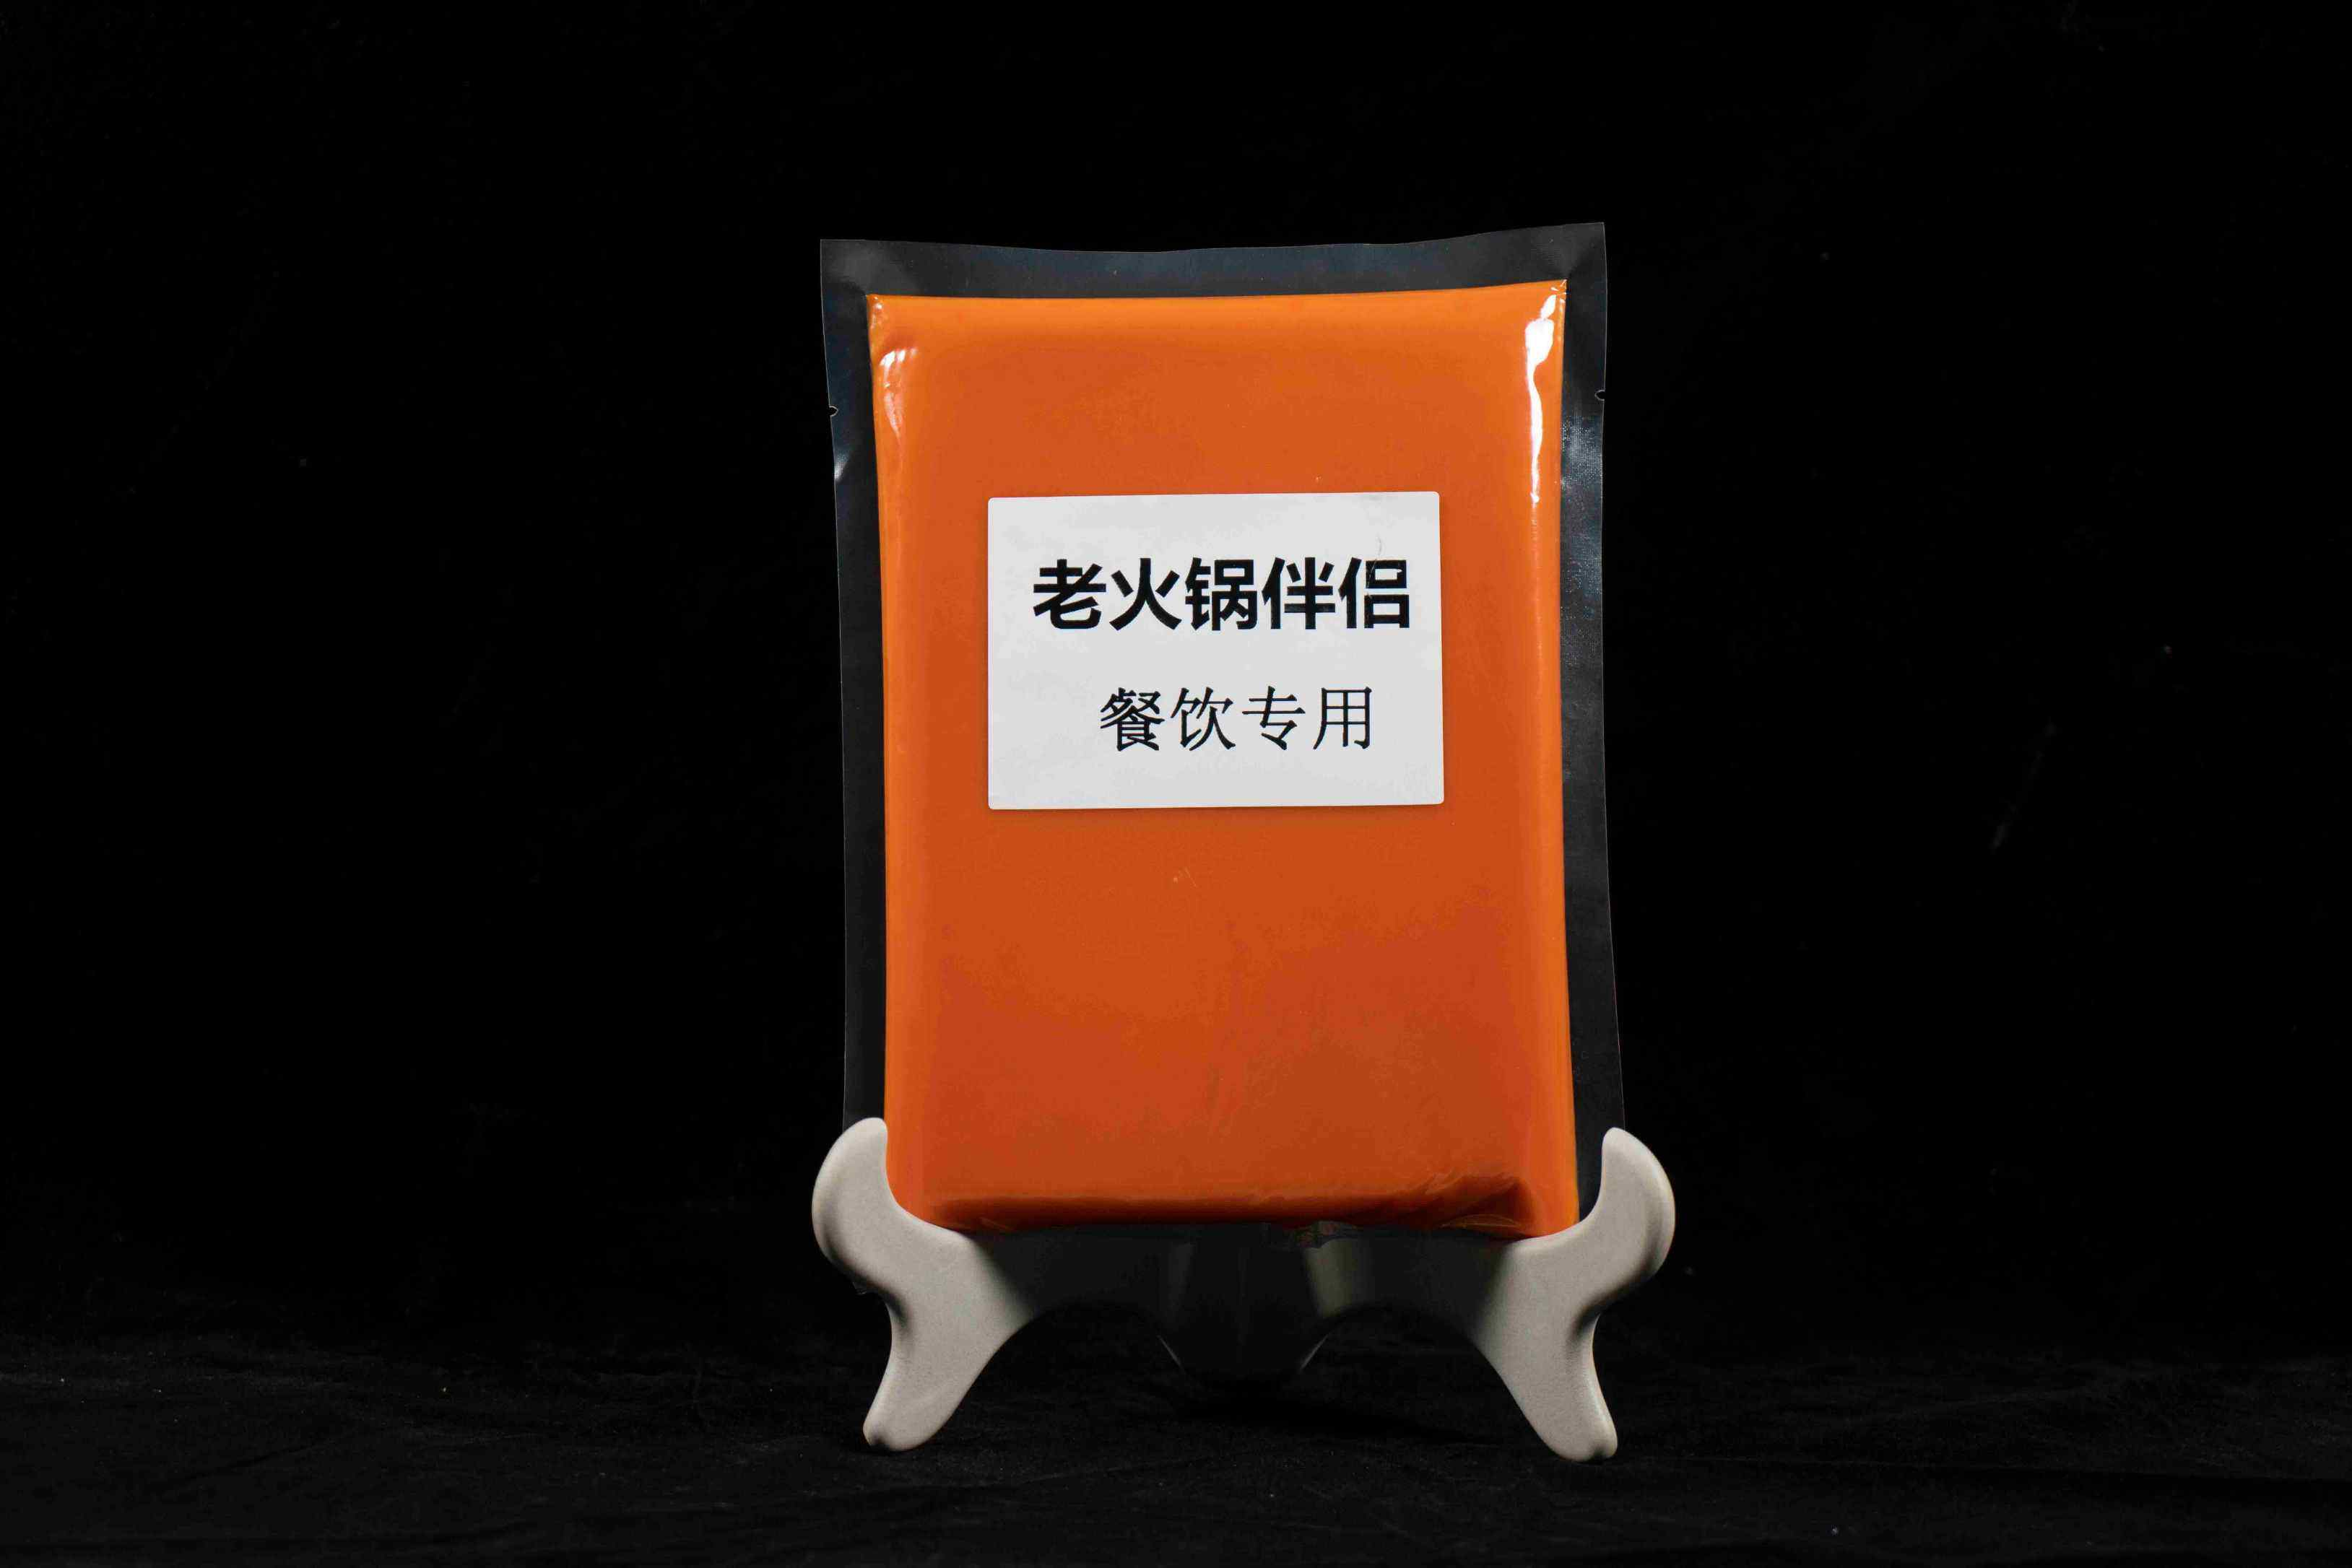 【定制油】重庆老火锅底料专用红油